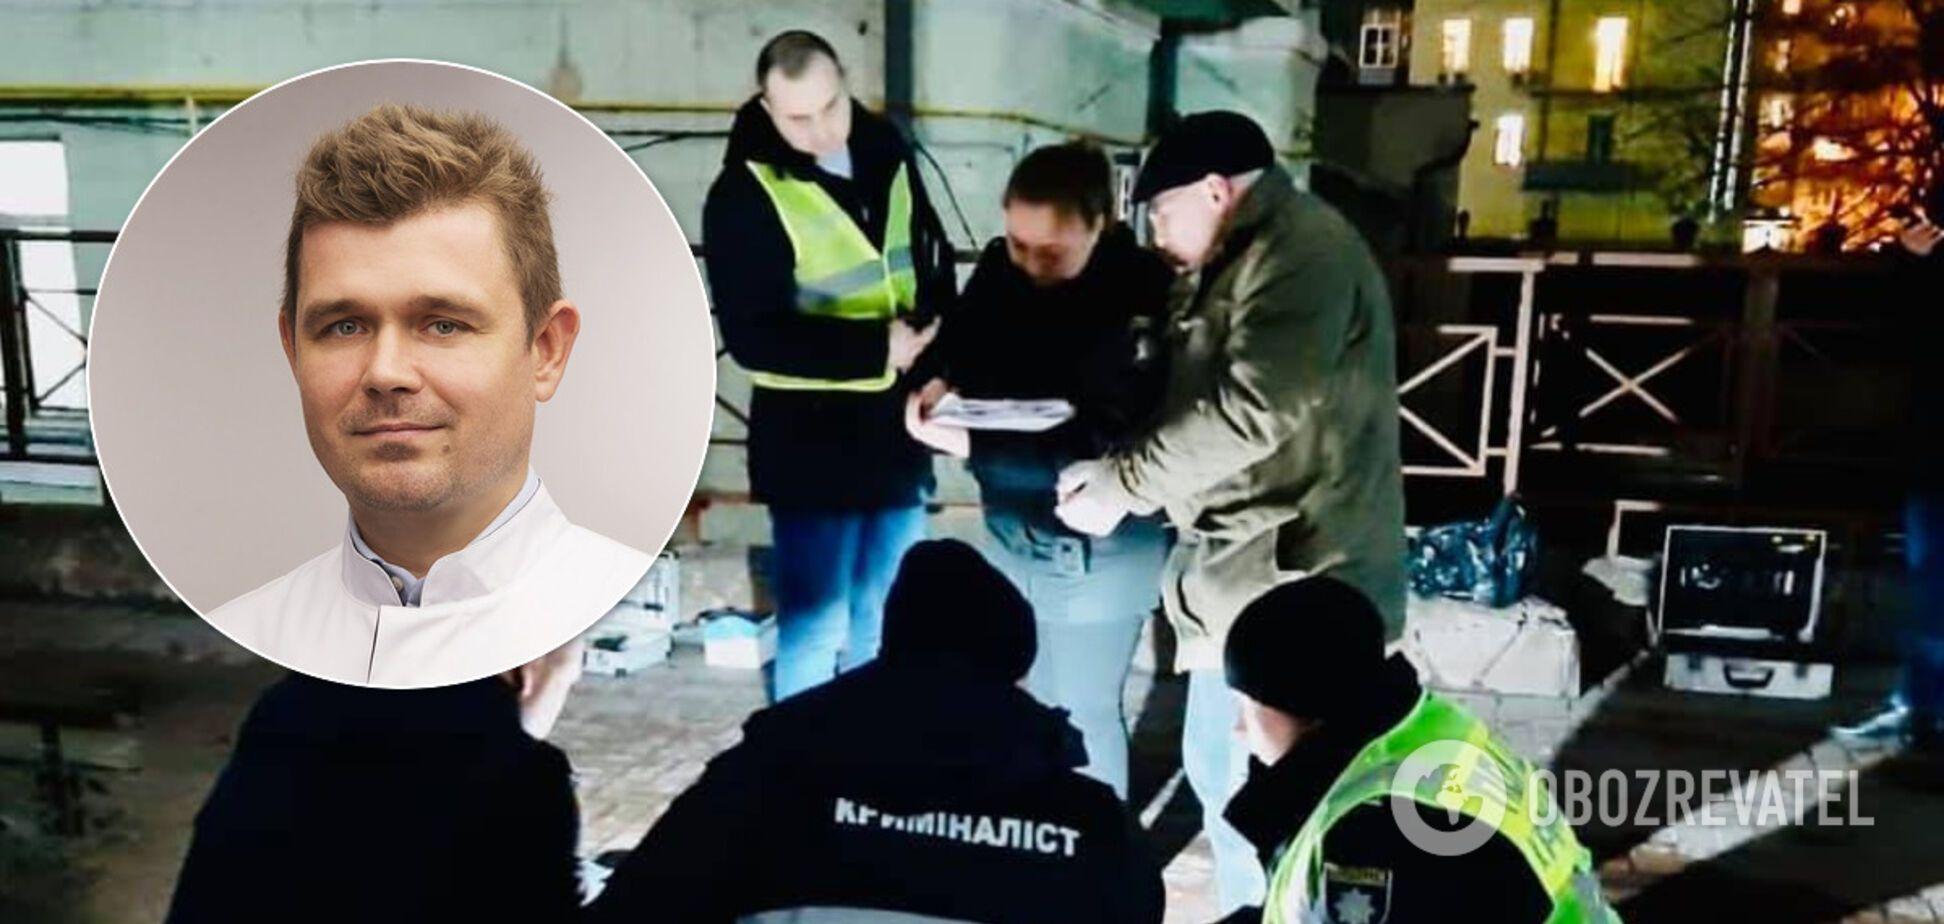 Суд ухвалив рішення щодо підозрюваних у вбивстві пластичного хірурга у Києві